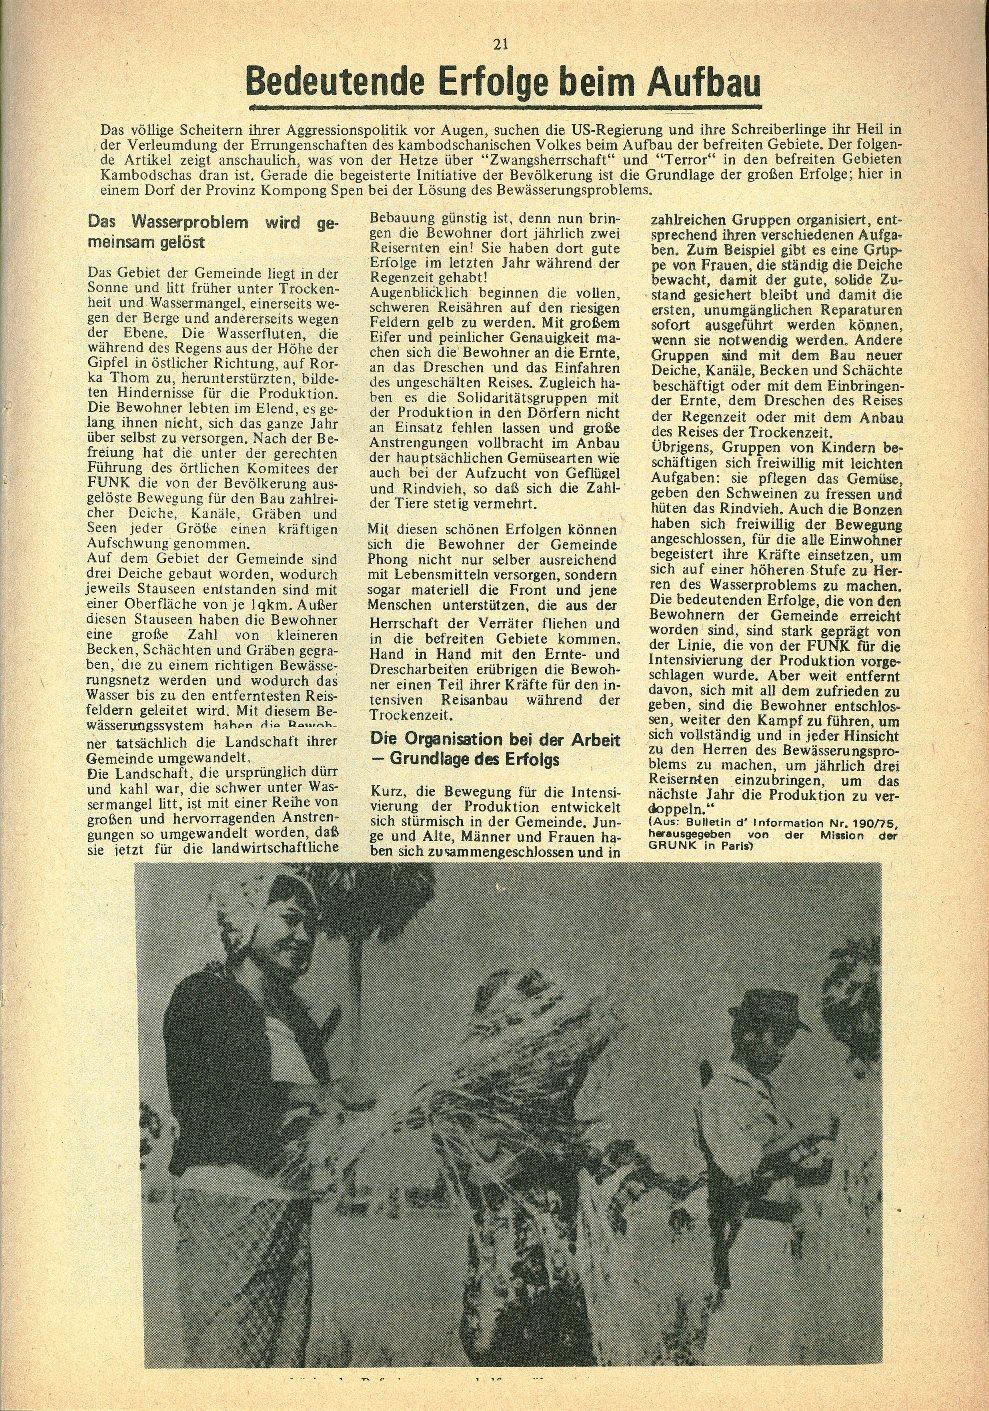 Kambodscha_1974_Das_Volk_besiegt_den_Imperialismus021